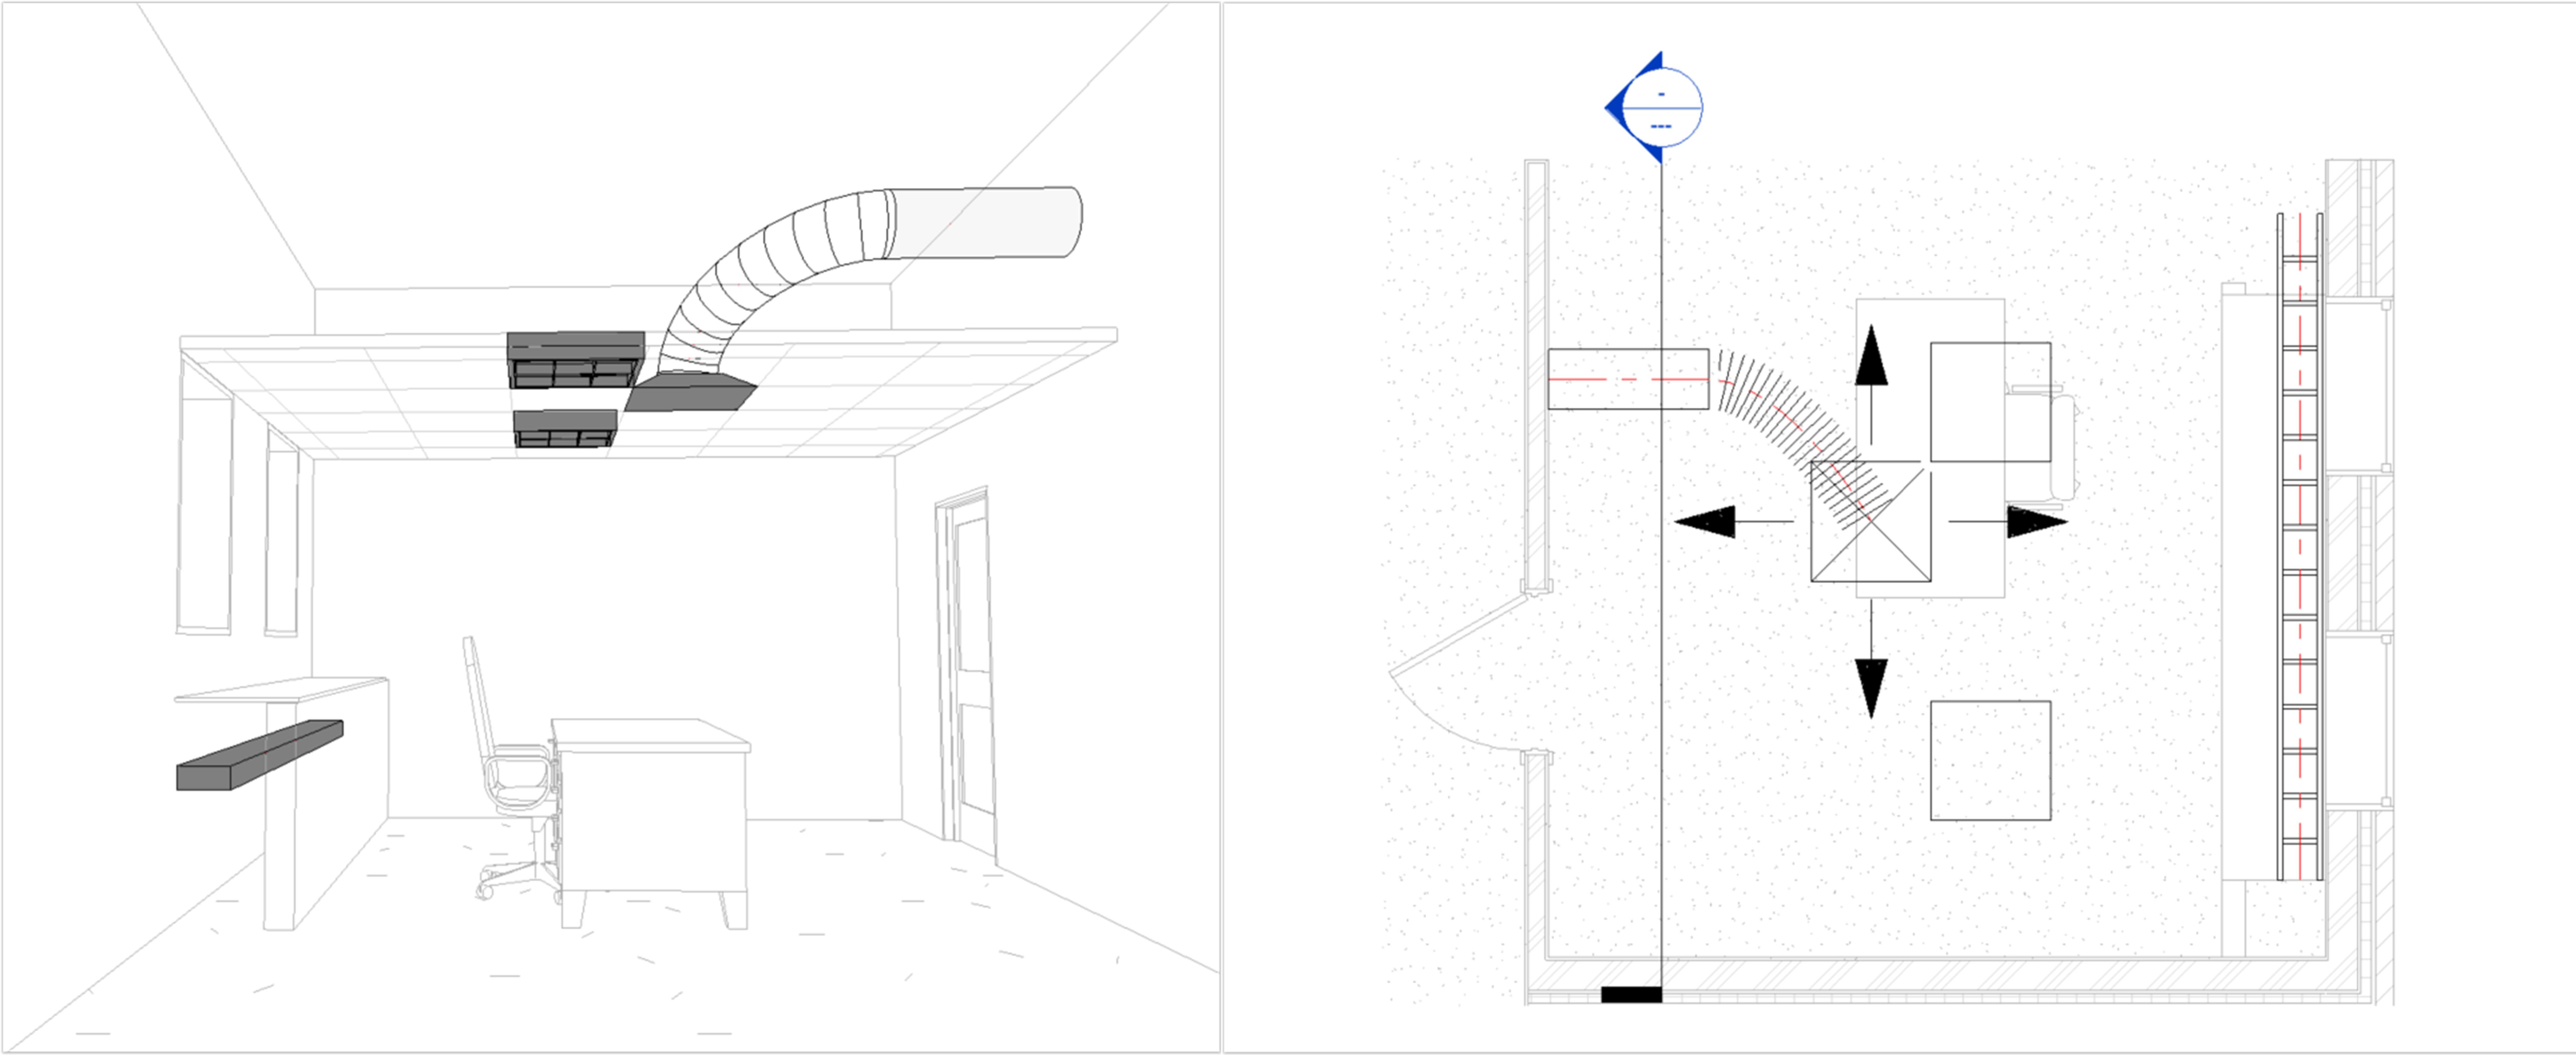 Dziedzina widoku Mechanika_Elektryka_Hydraulika 3D i rzut